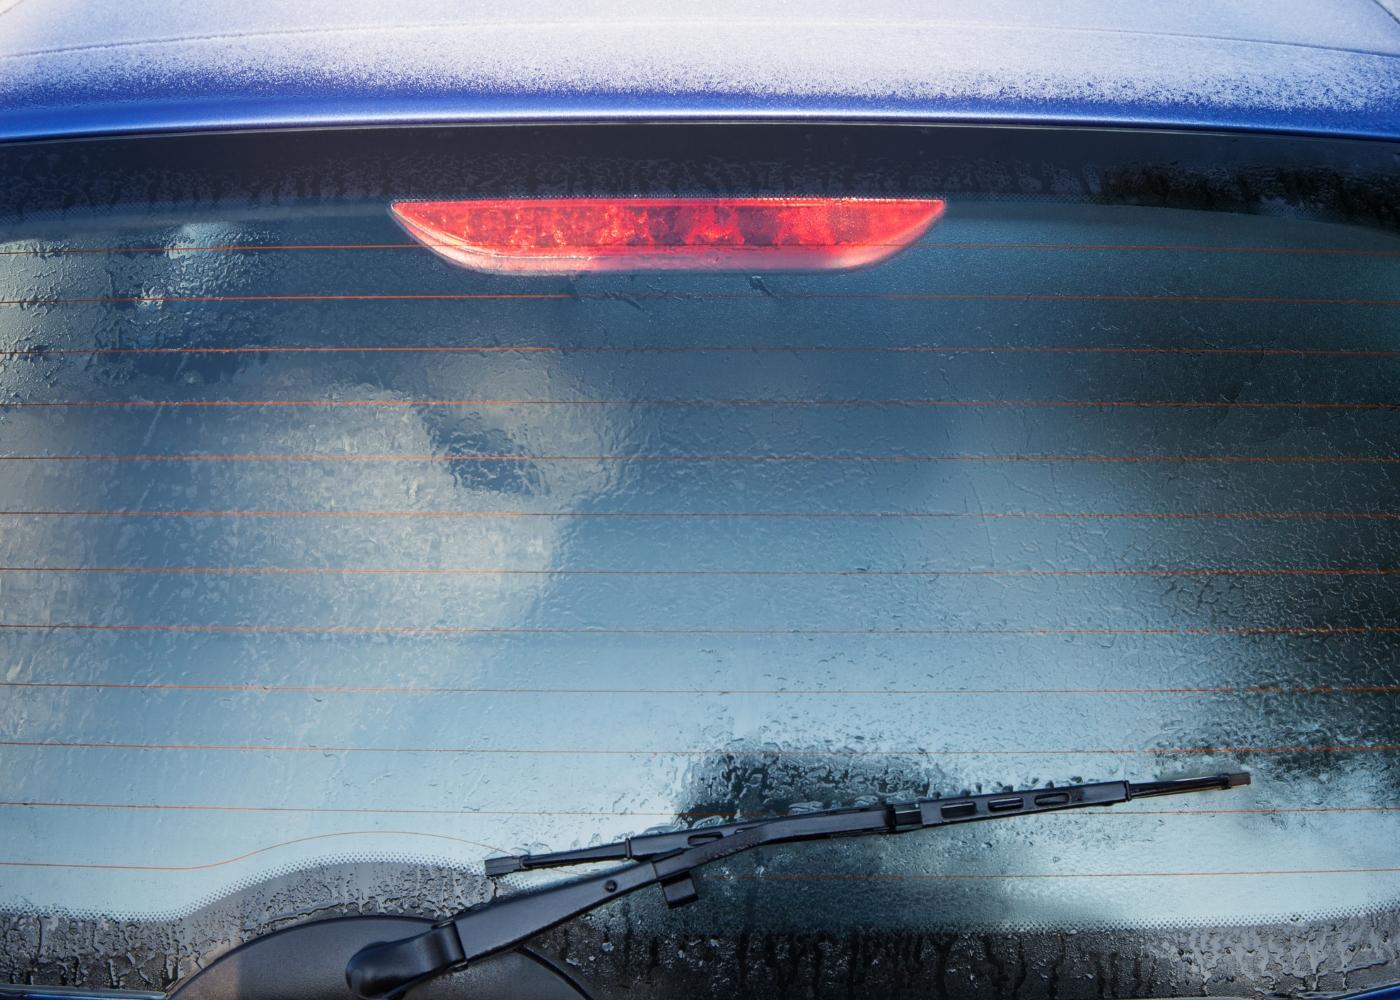 como evitar ter os vidros do carro embaciados no inverno